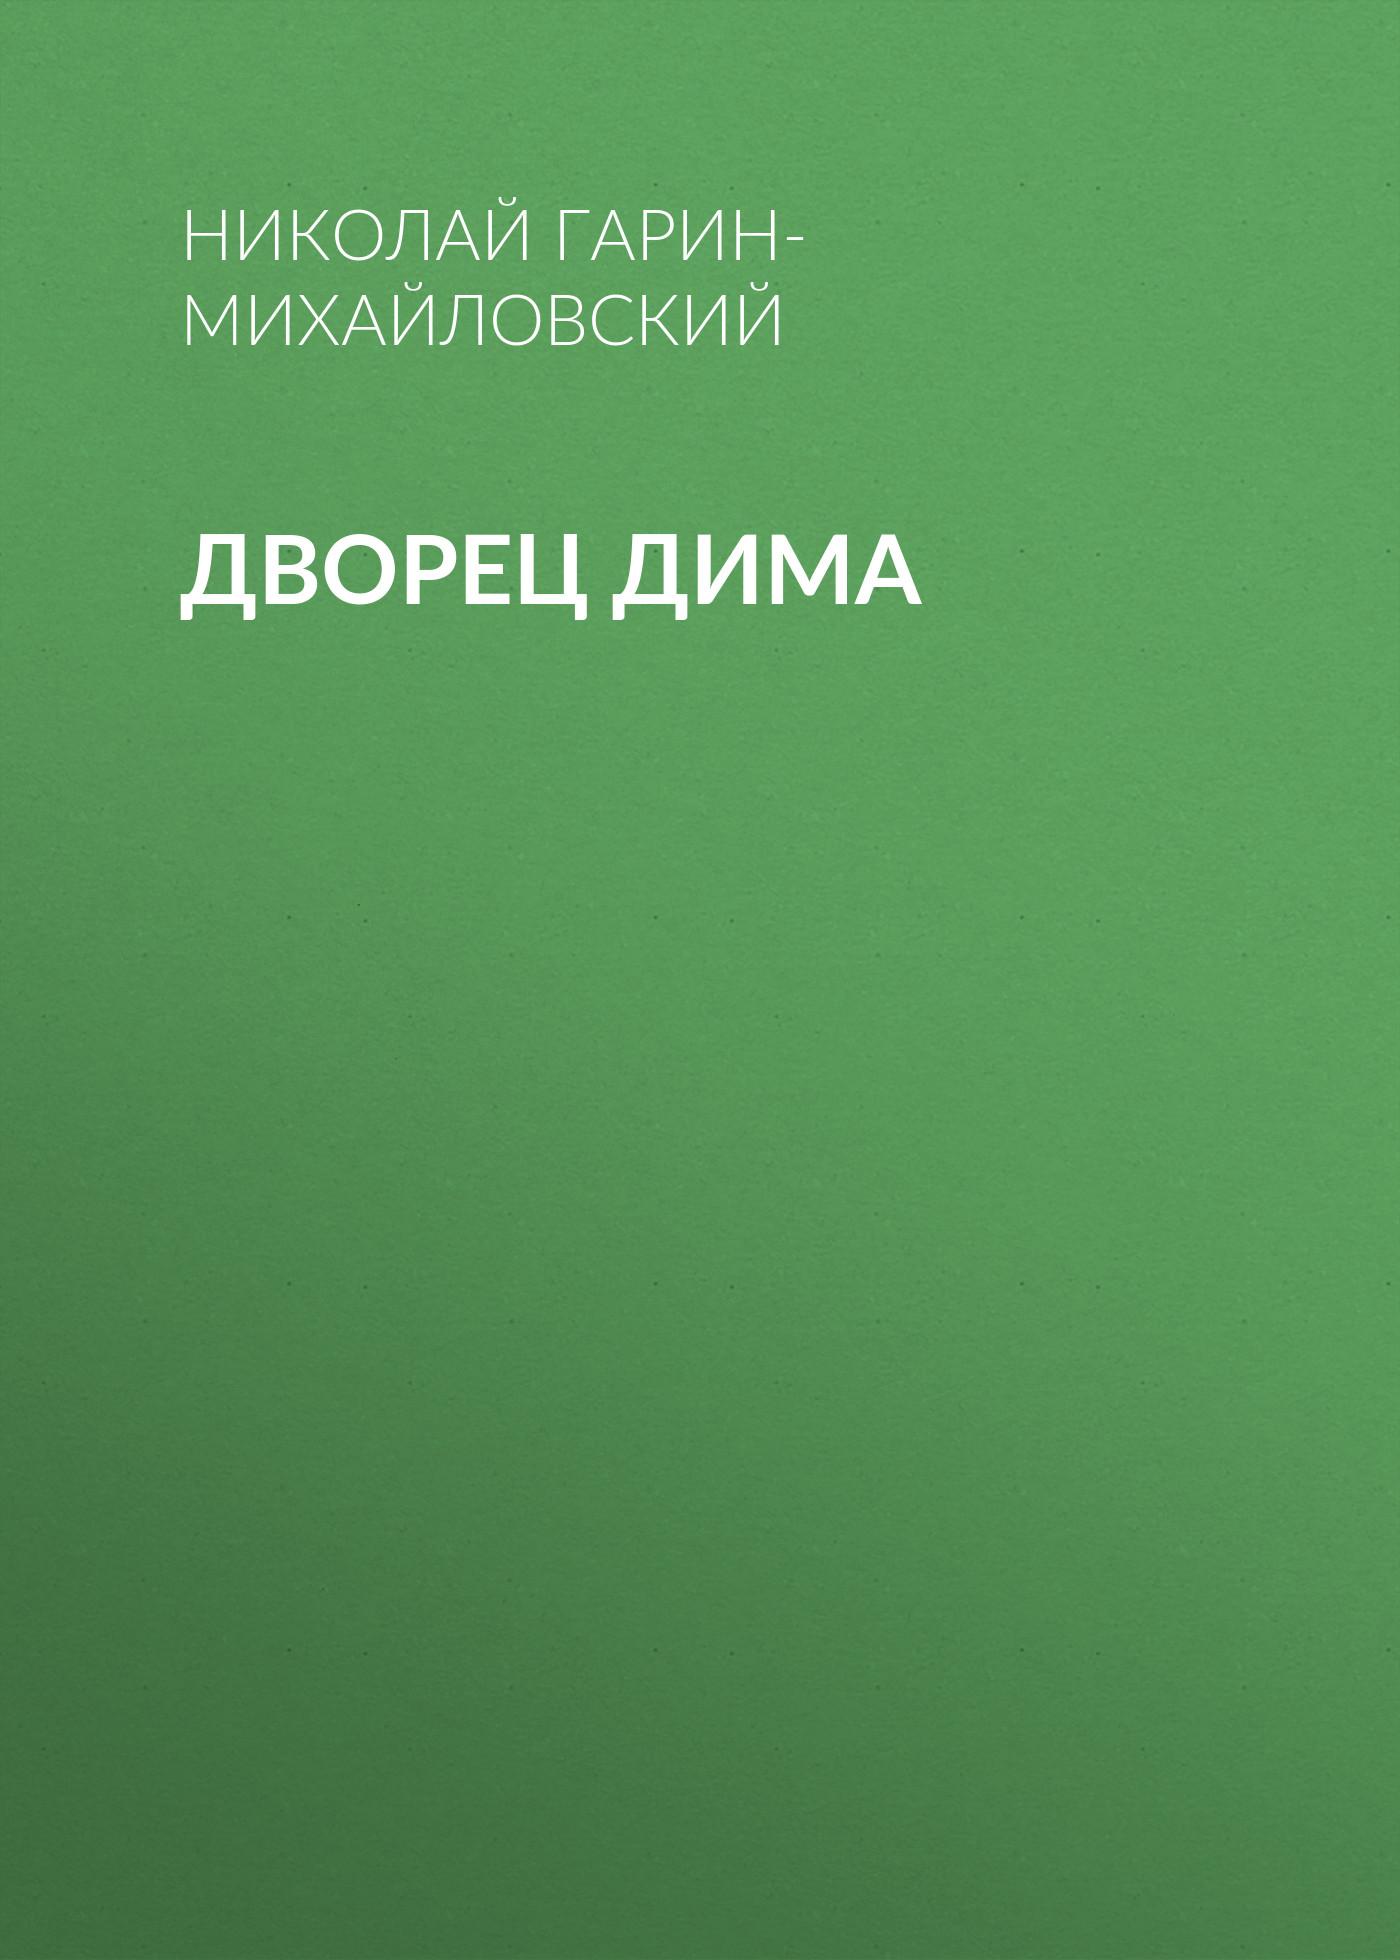 Николай Гарин-Михайловский Дворец Дима николай гарин михайловский счастье